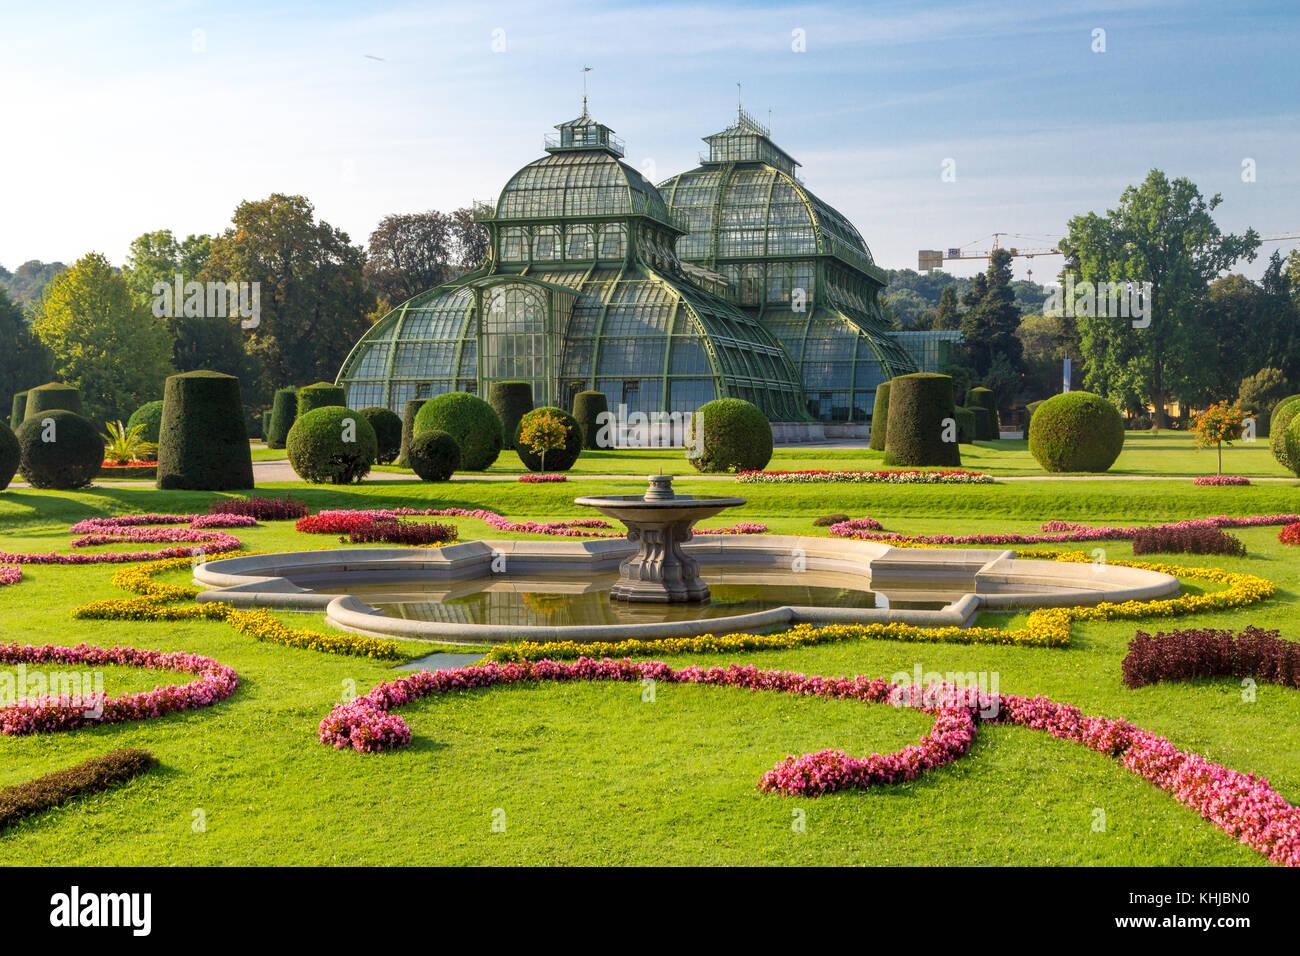 VIENNA, Austria - 11 settembre 2016 : Vista della casa delle palme nel Palazzo di Schönbrunn Giardino a Vienna Immagini Stock